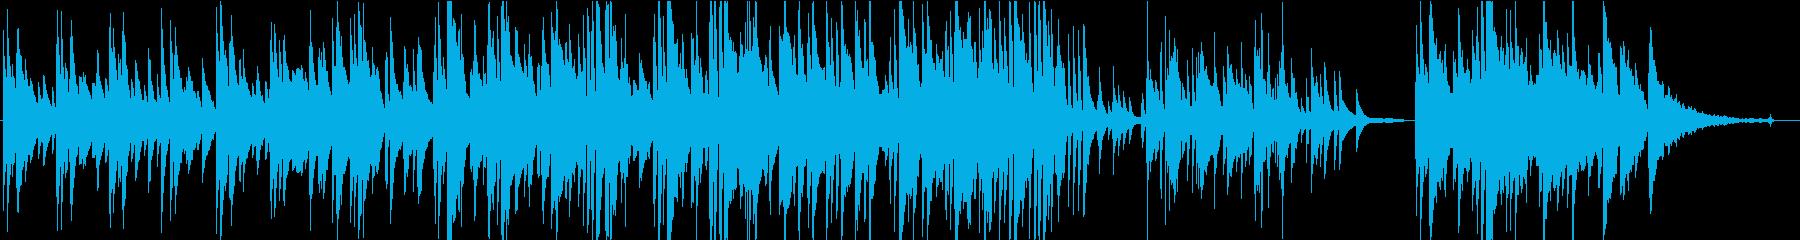 カントリー調バラード【ピアノver.】の再生済みの波形